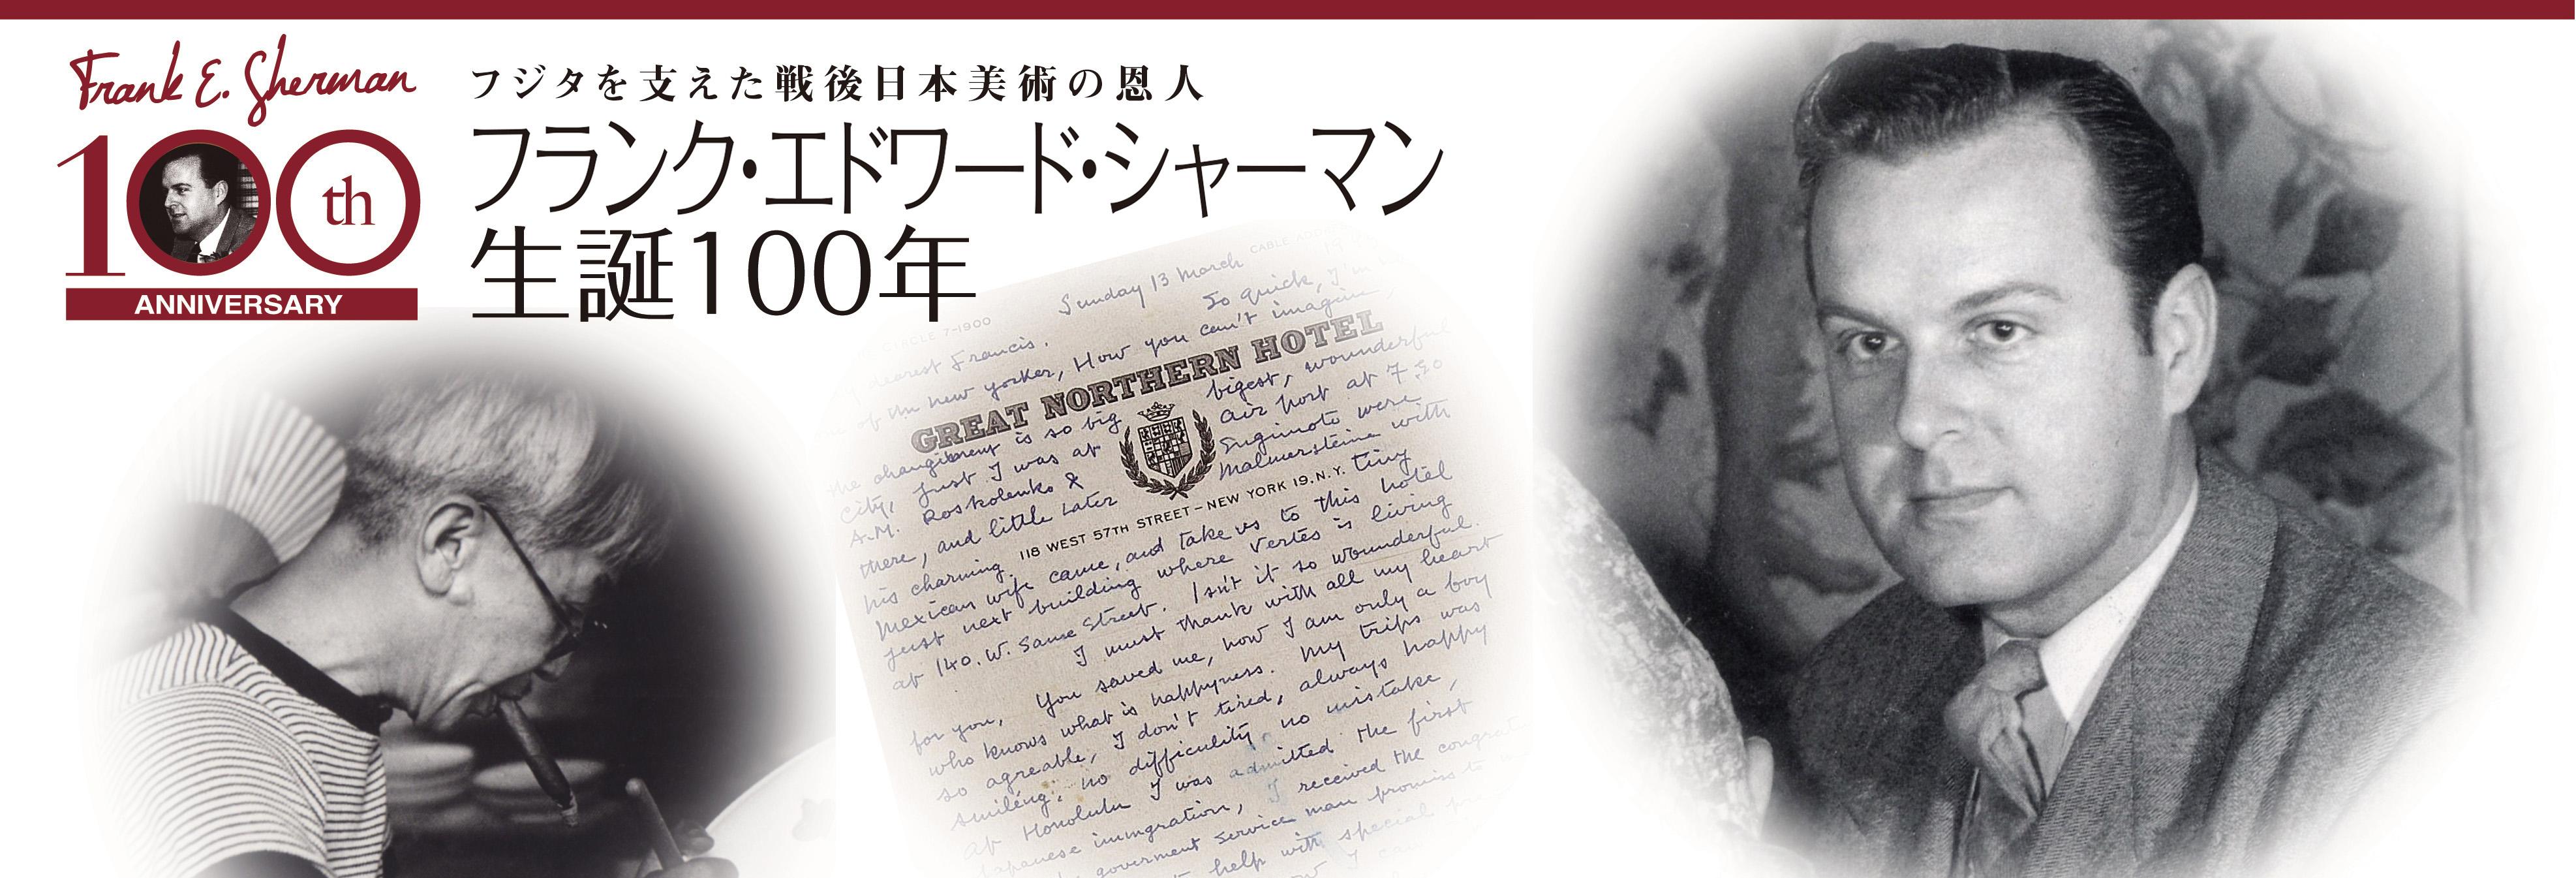 藤田嗣治とフランク・シャーマン